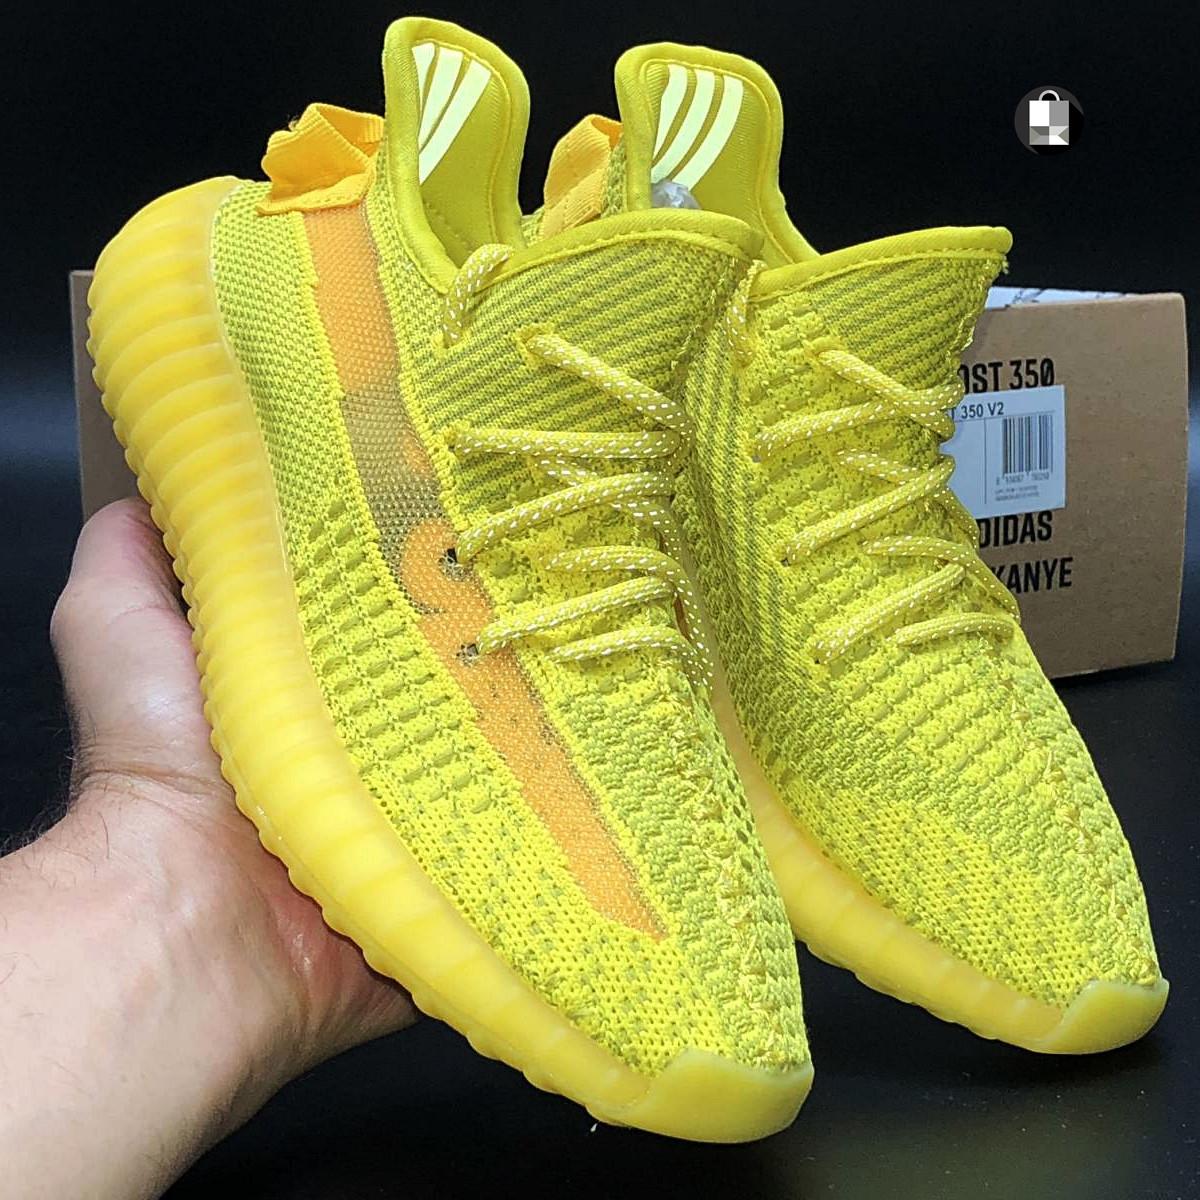 Рефлектив | Чоловічі кросівки в стилі Adidas Yeezy Boost 350 v2 Yellow Reflective